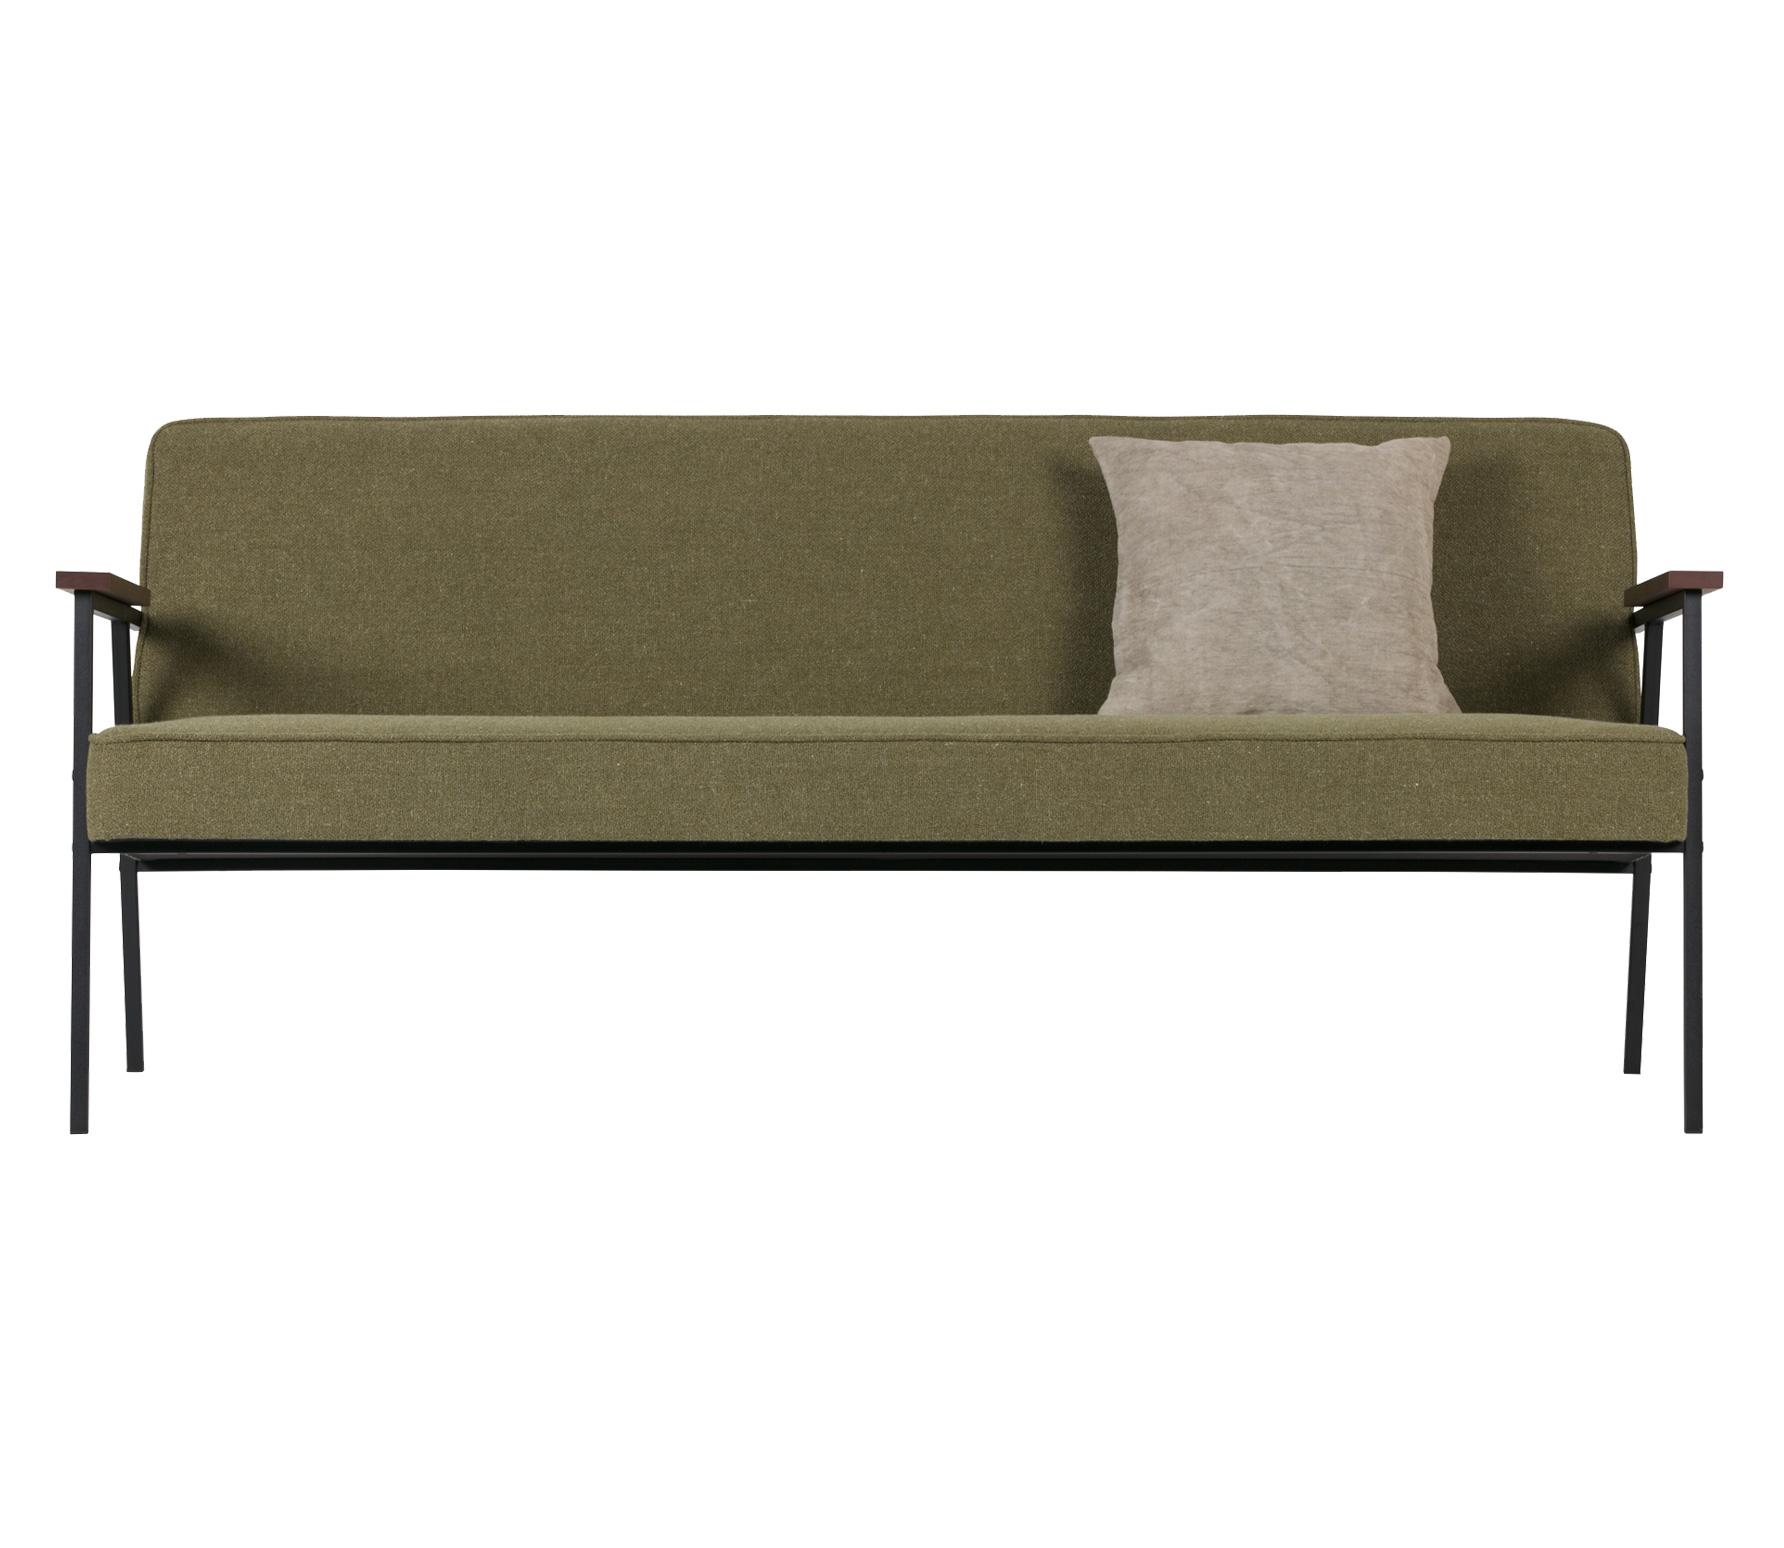 WOOOD Exclusive Elizabeth 2,5 zits sofa olijfgroen olijfgroen